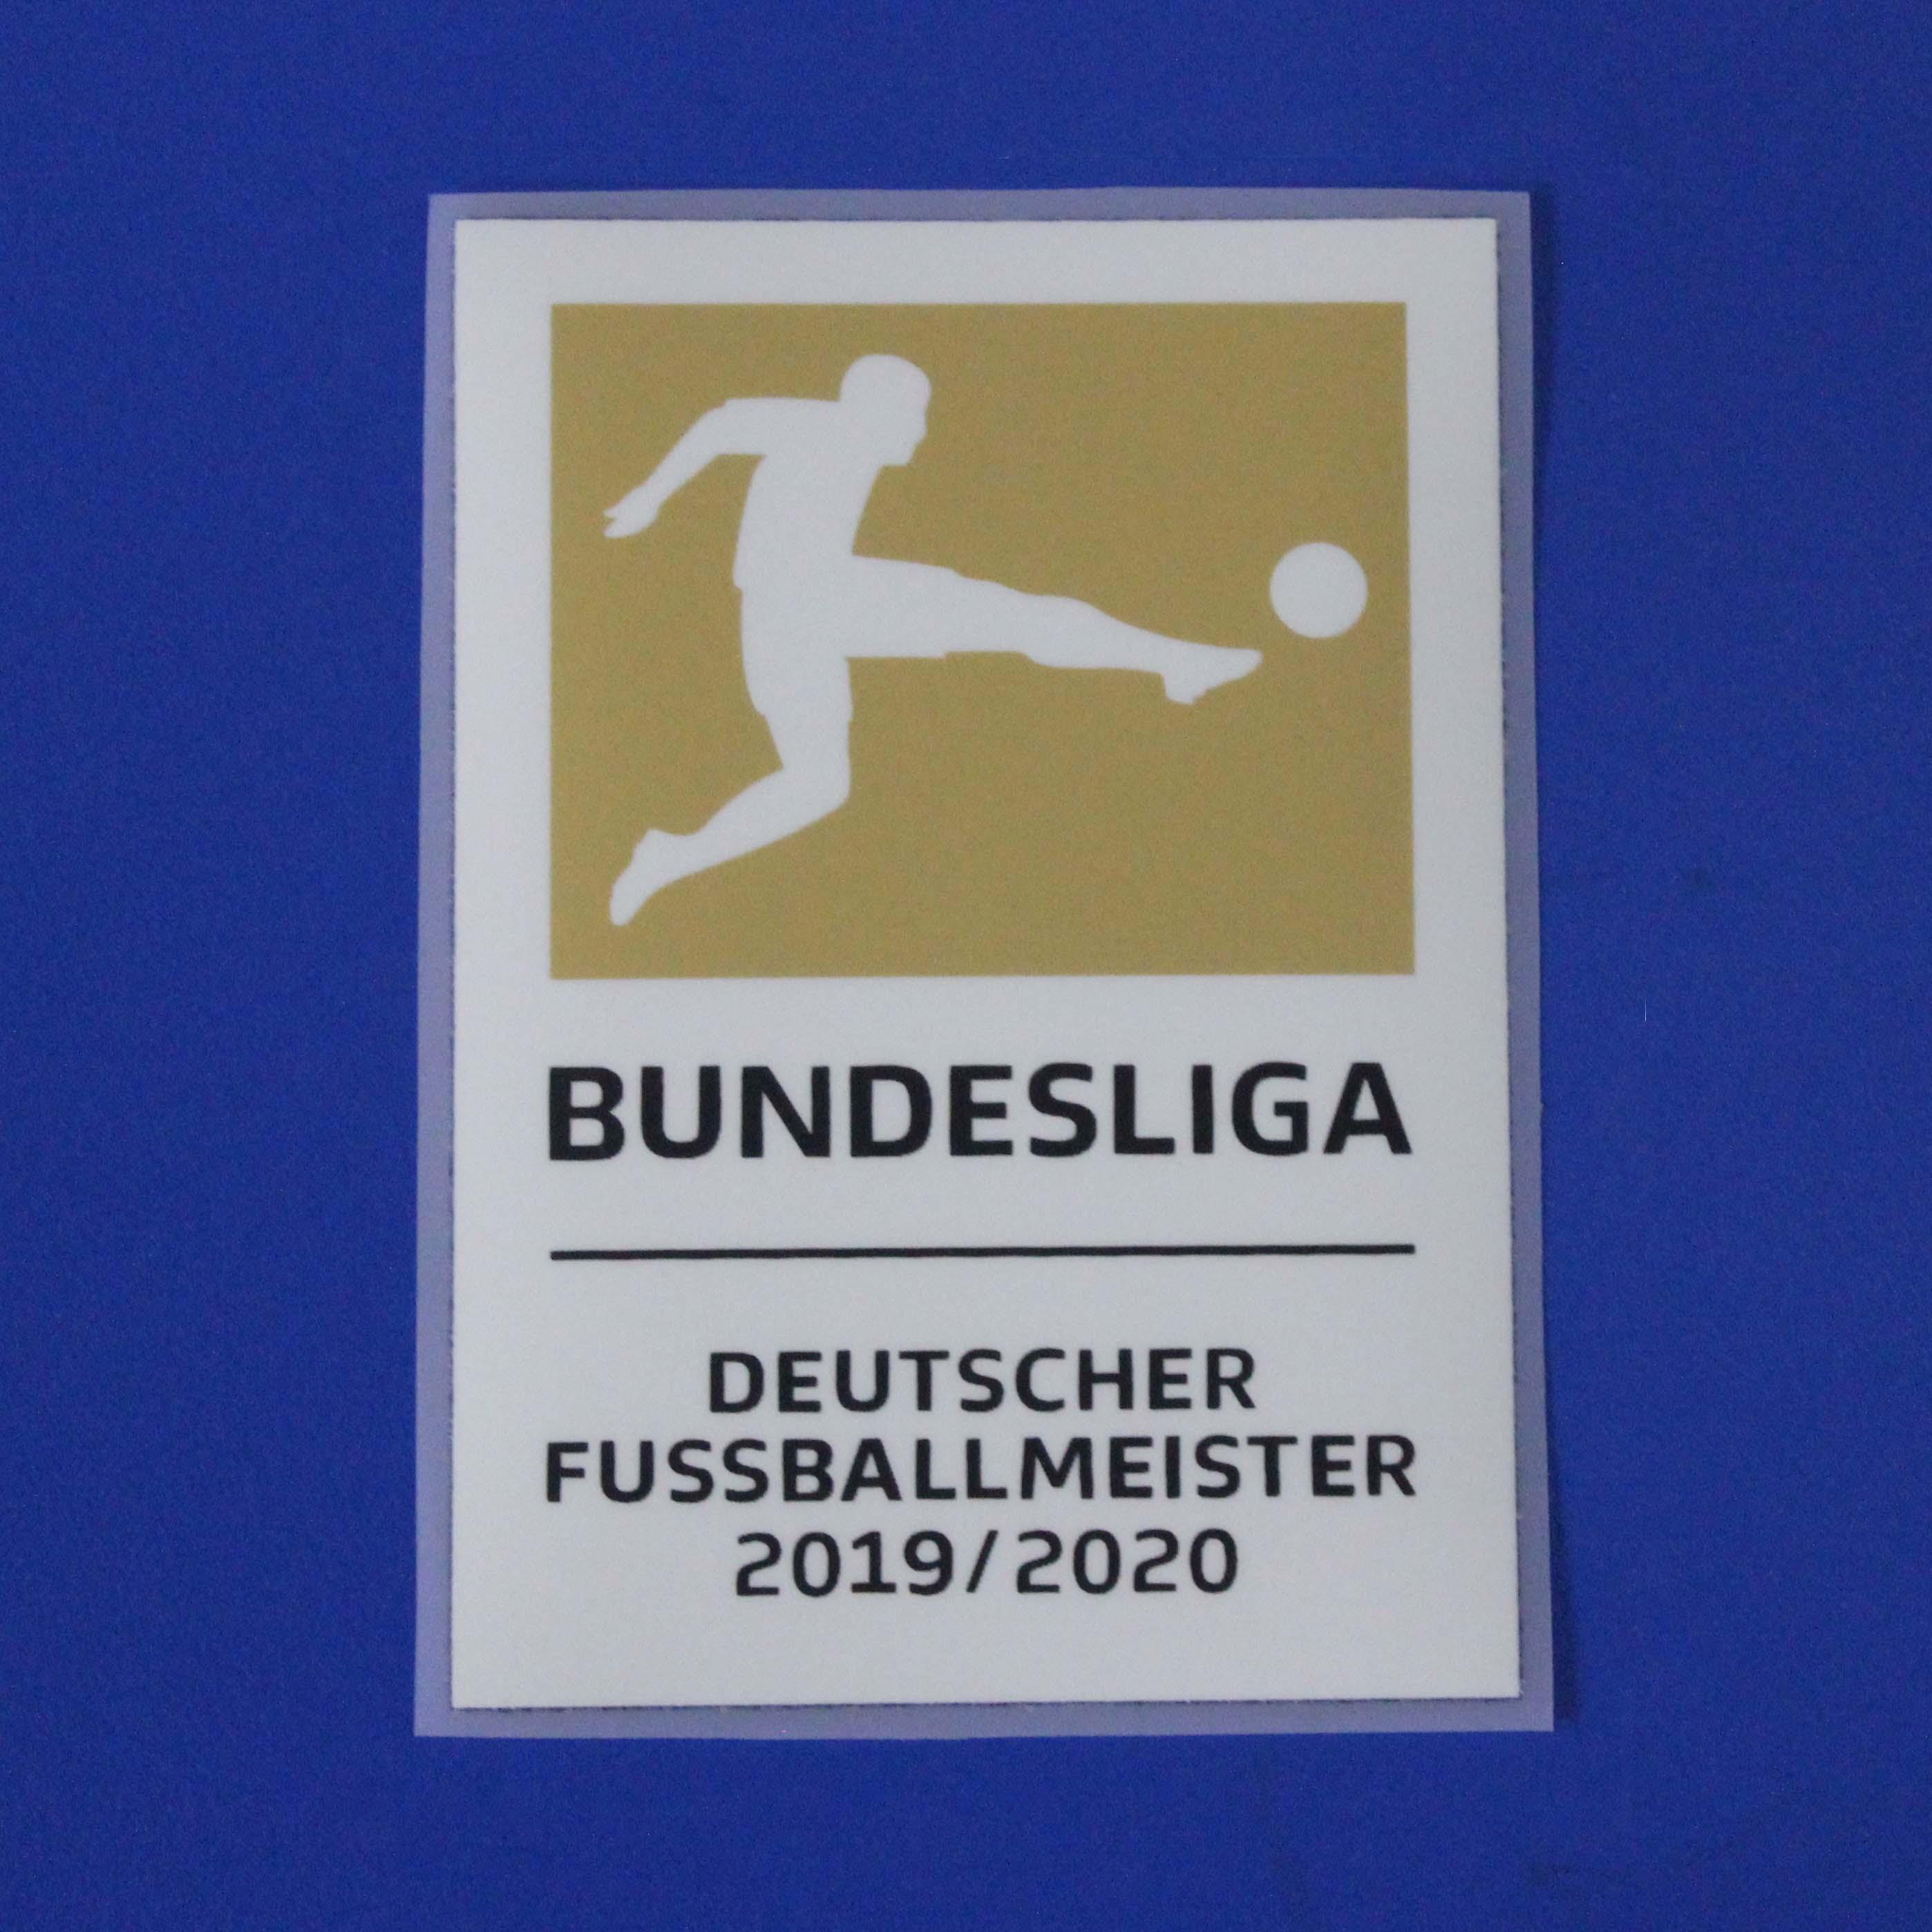 2019-2020 Bundesliga Deutscher FussballMeister Futbol yama Bundesliga Ligi Şampiyonu futbol rozeti